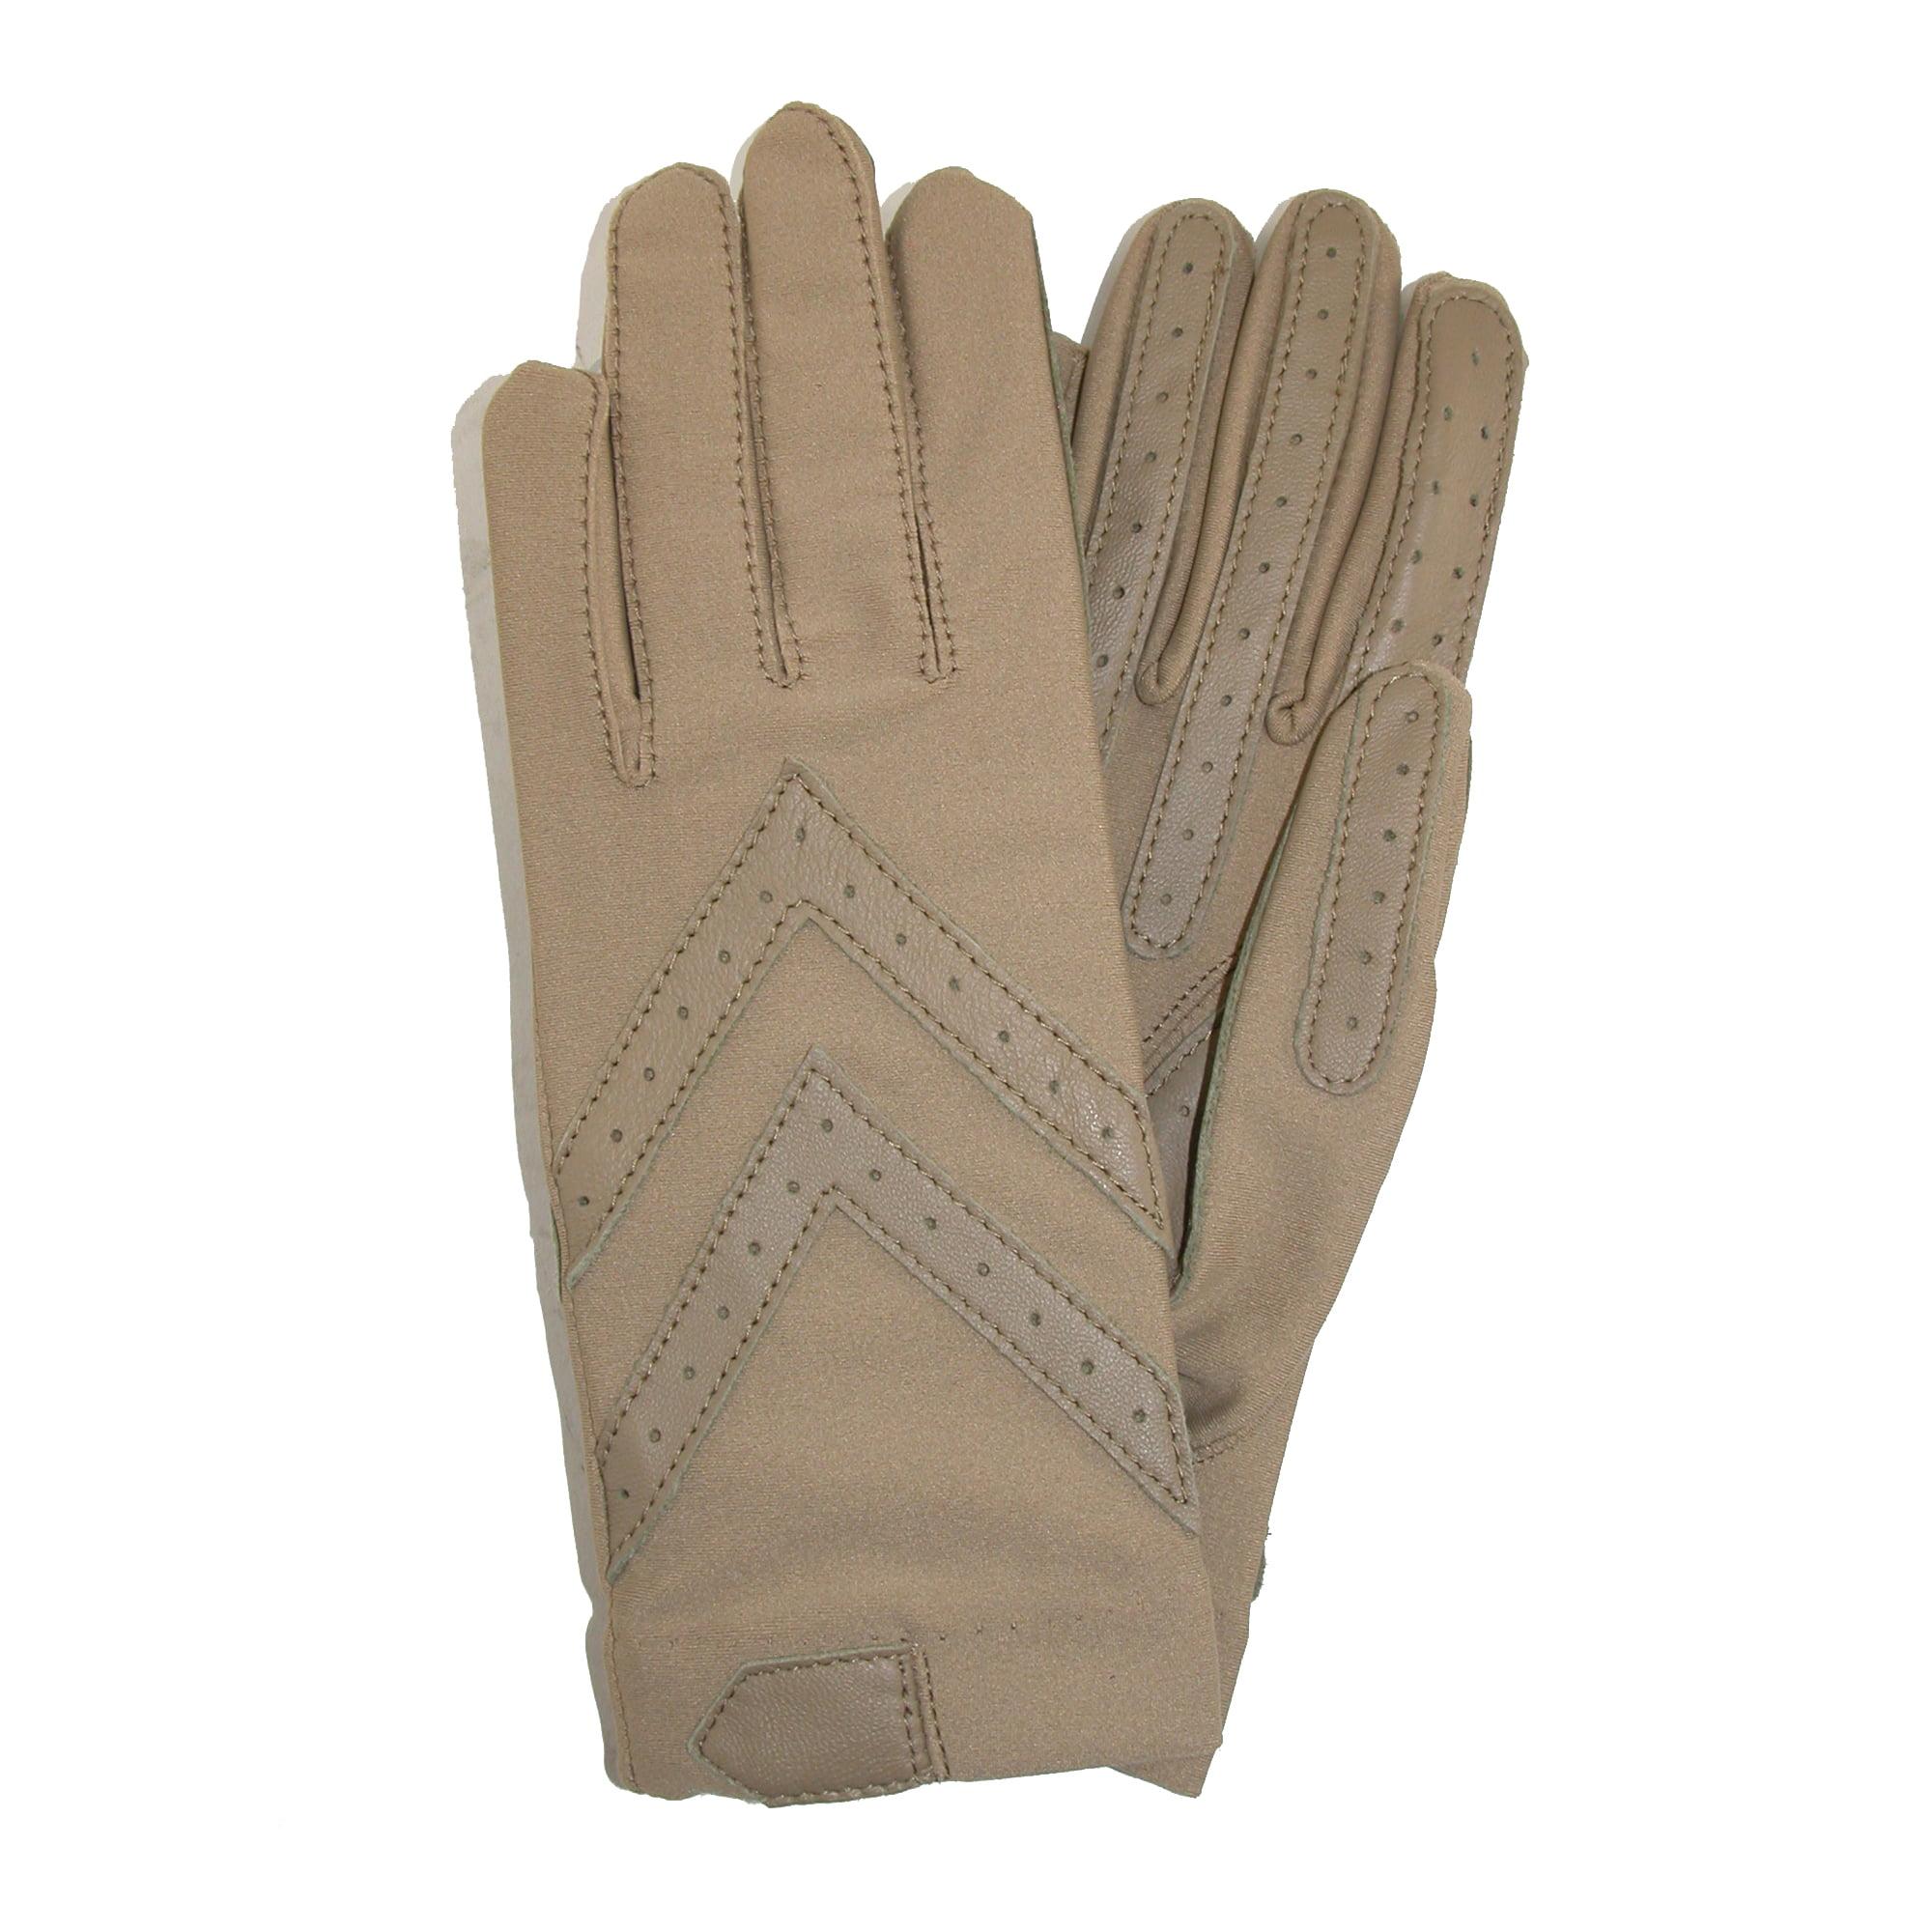 Driving gloves at walmart - Driving Gloves At Walmart 35